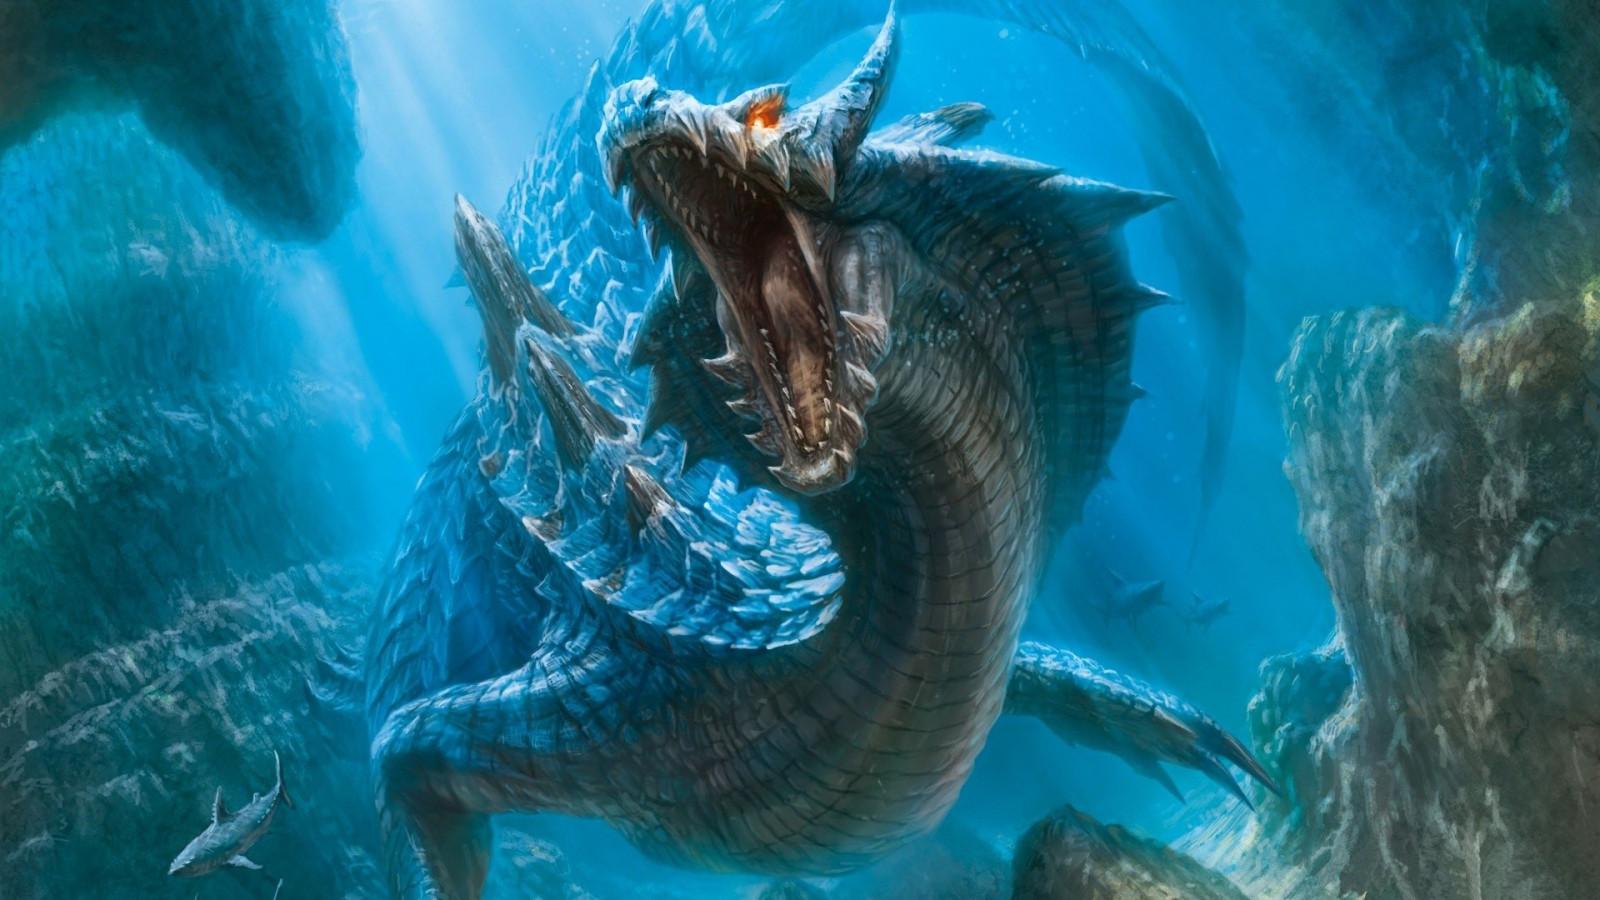 Wallpaper Bawah Air Naga Batu Karang Pemburu Monster